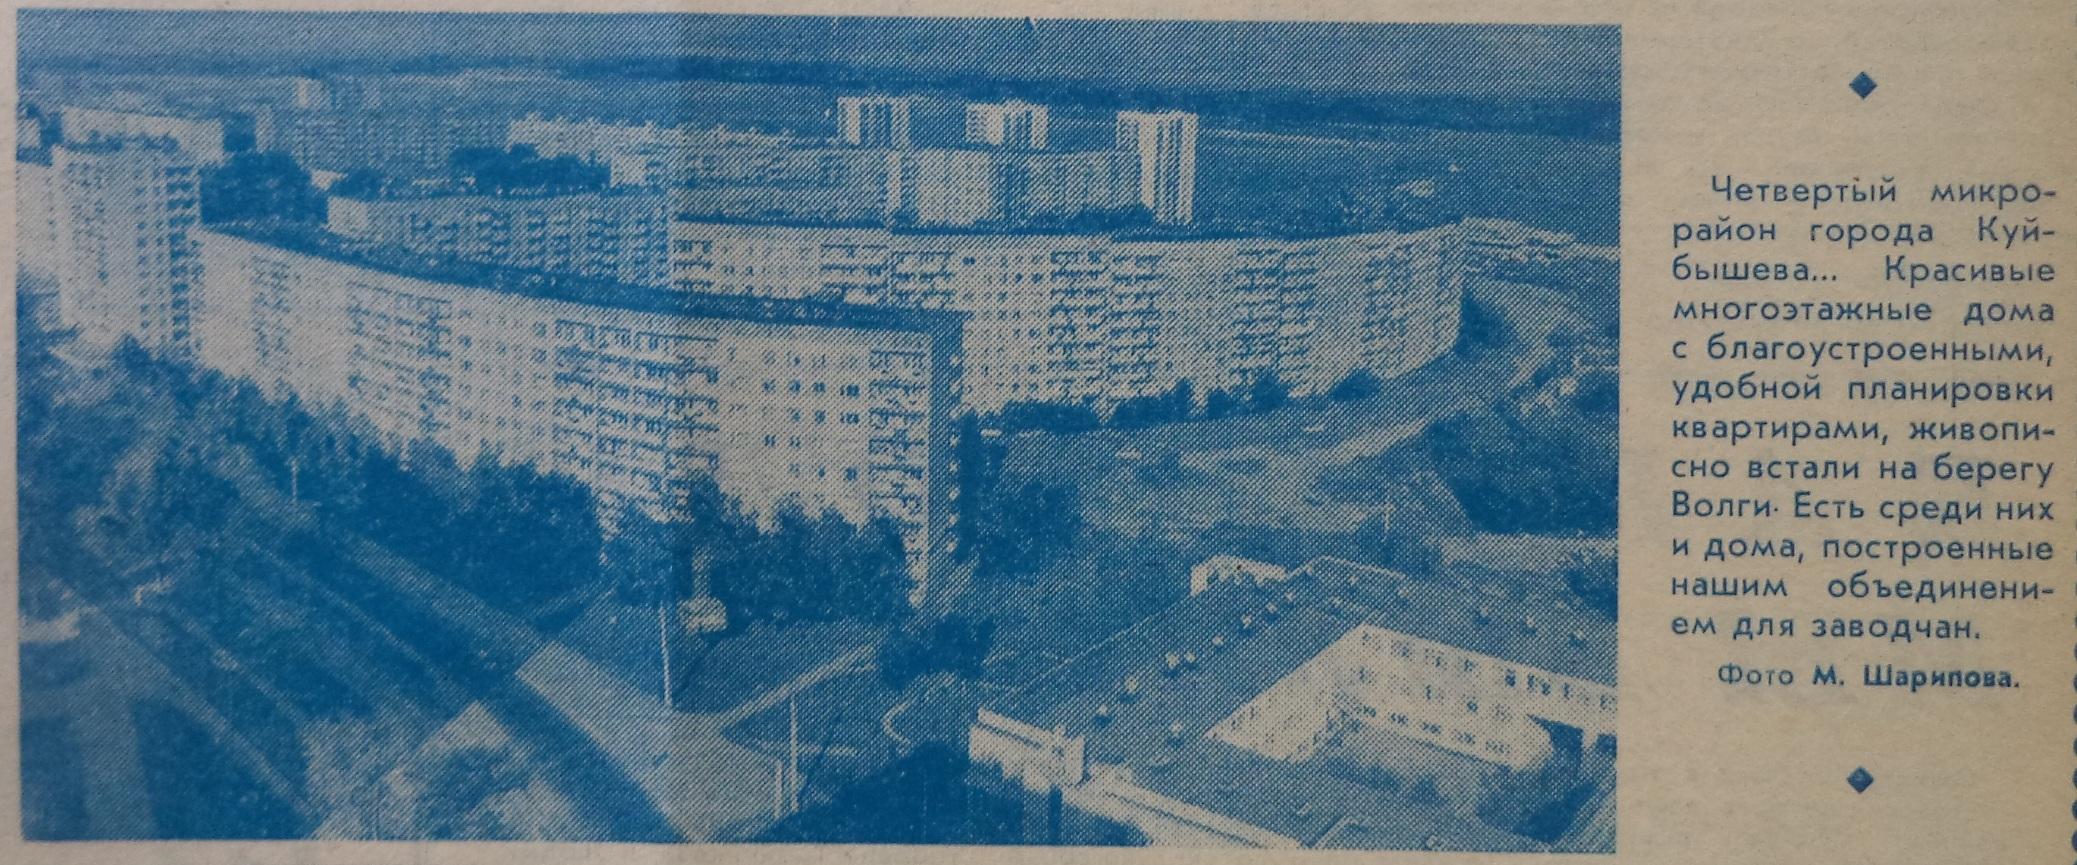 Ново-Садовая-ФОТО-86-Знамя Труда-1986-12 сентября